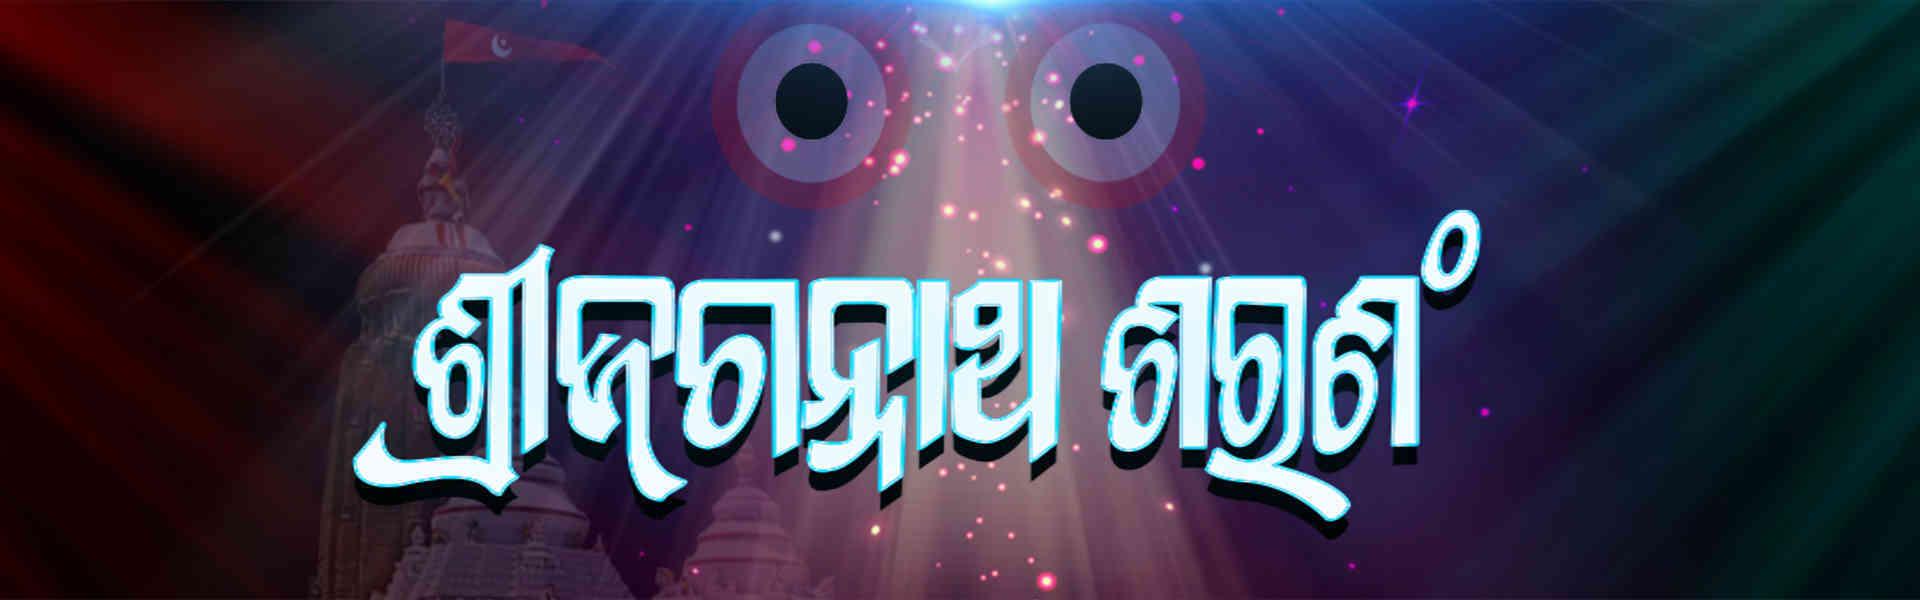 Shree Jagannath Saranang